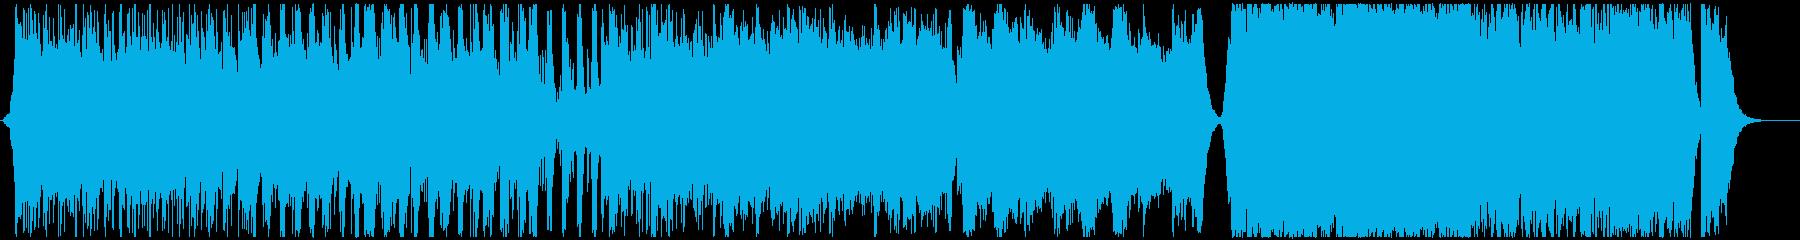 大地の鼓動-壮大なオーケストラの再生済みの波形